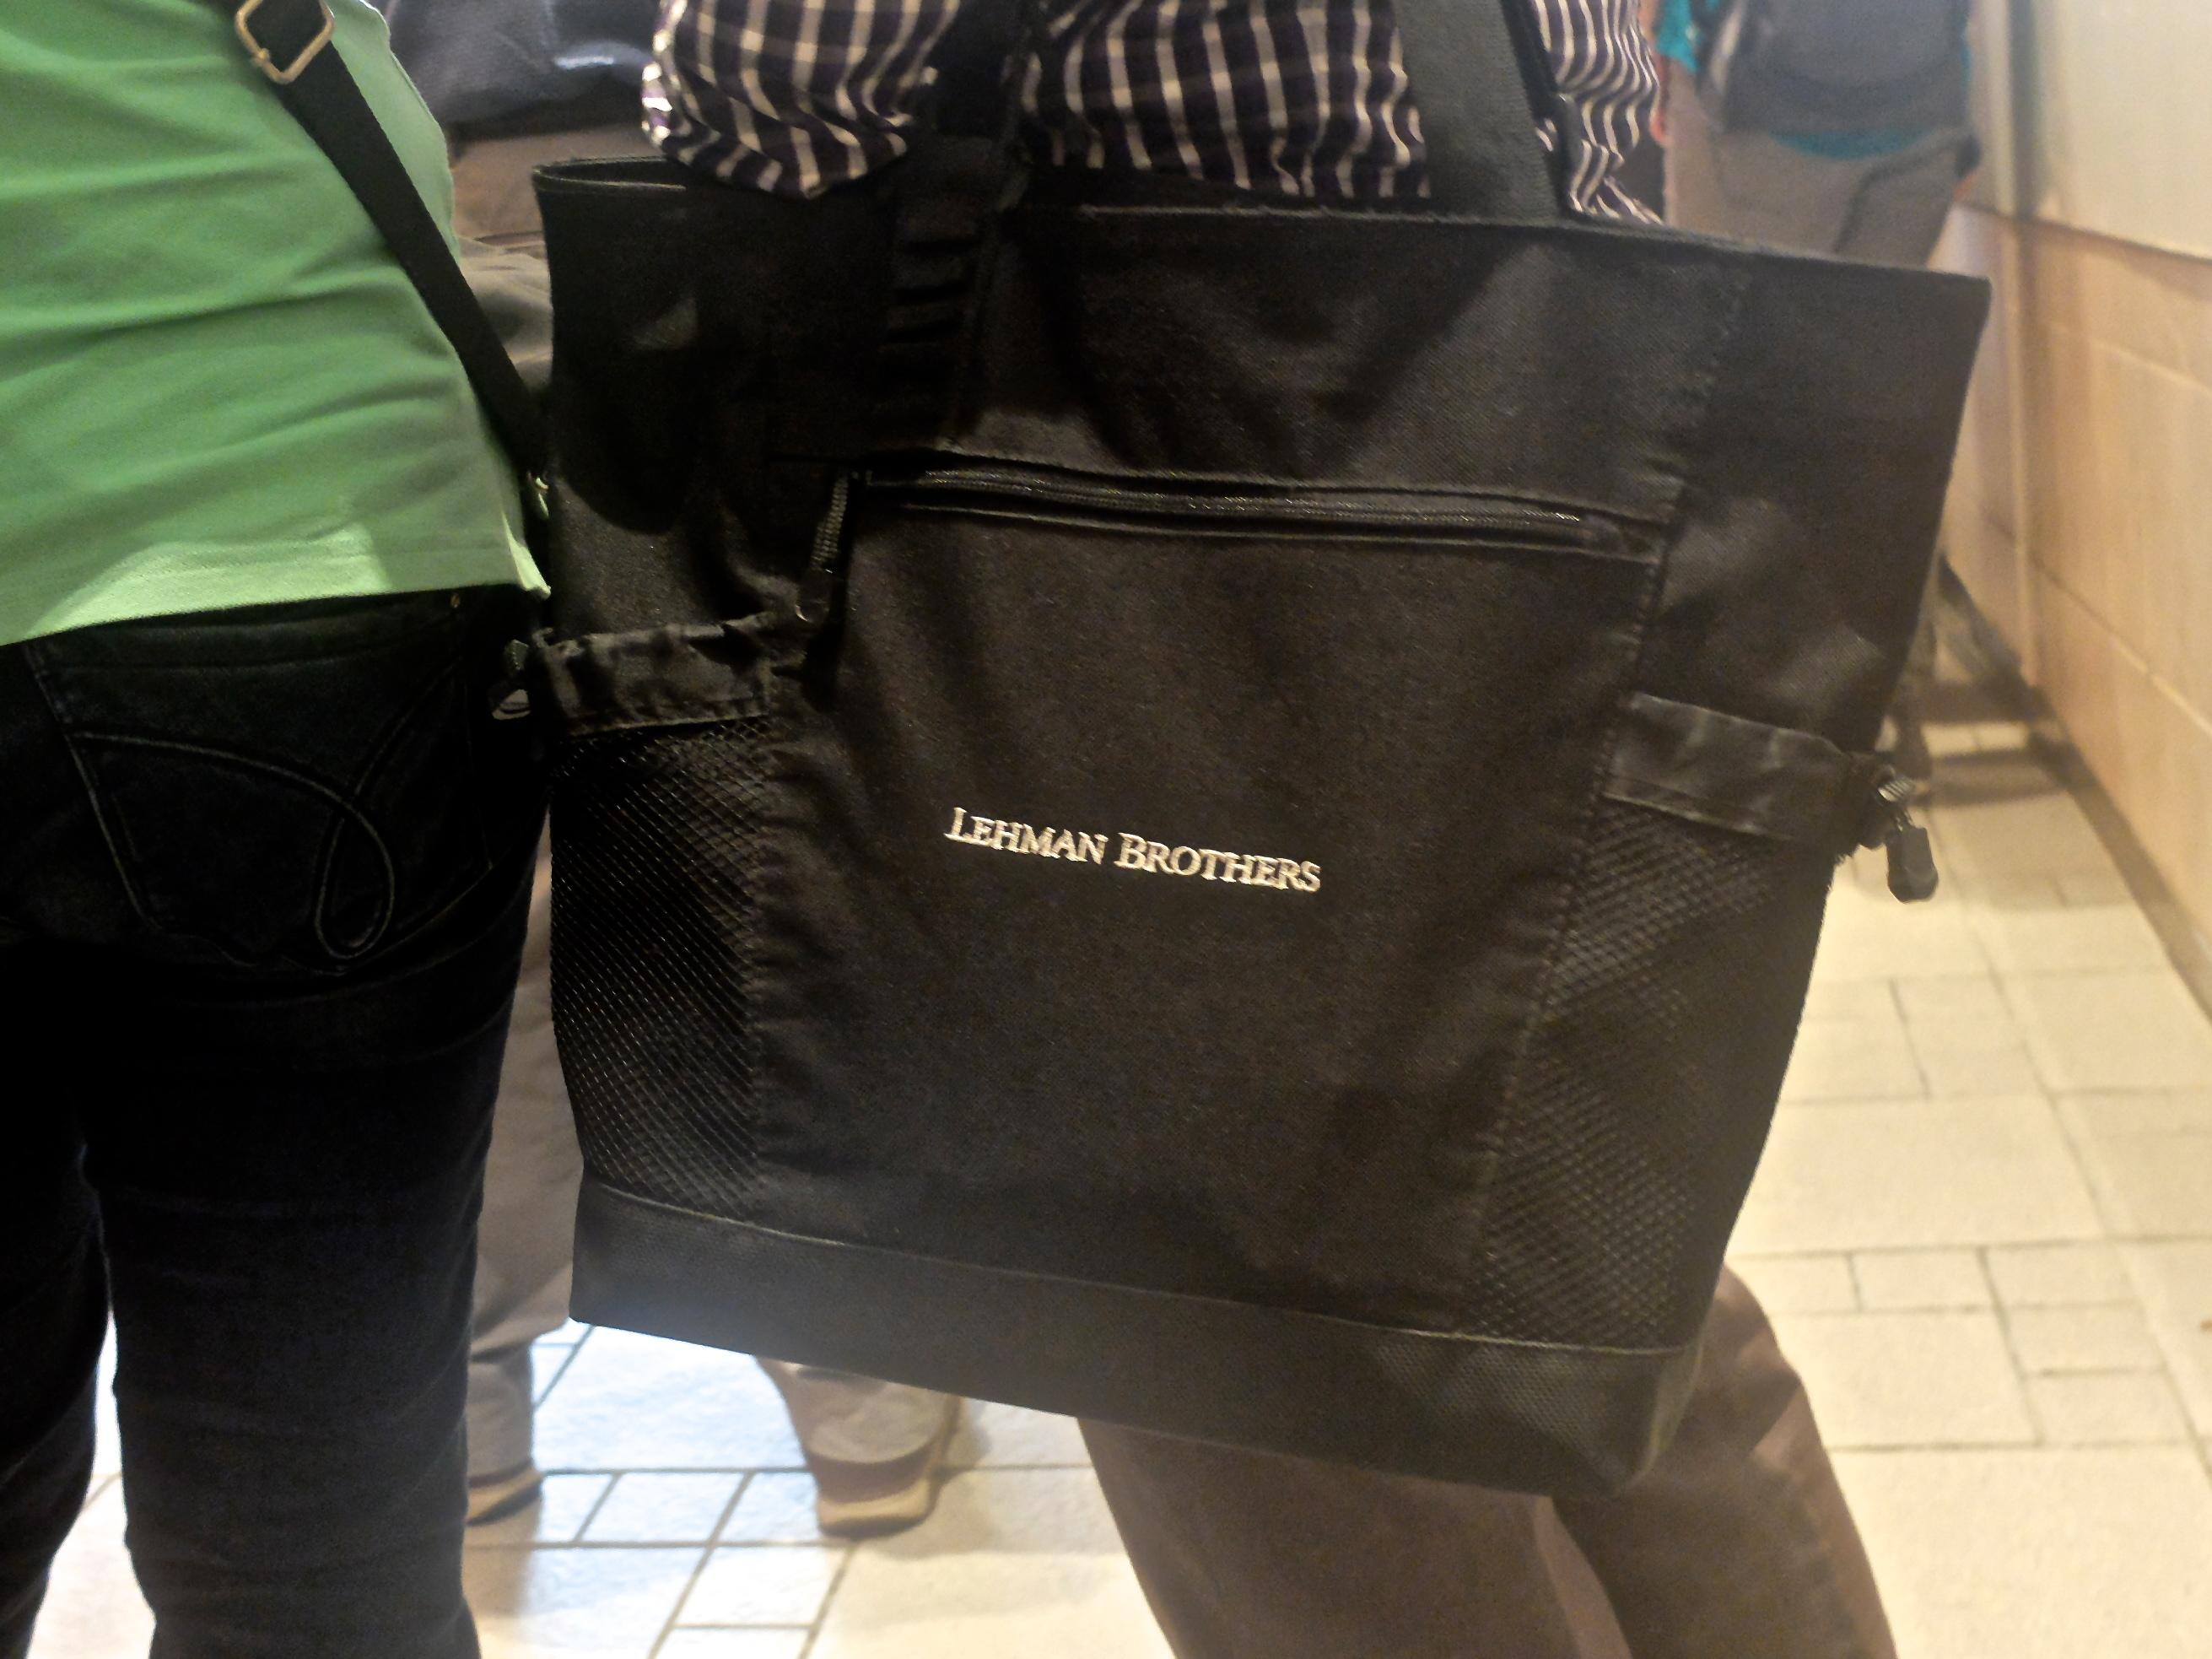 Est-ce que quelqu'un leur a dit pour Lehman Brothers ? Ou pas encore ?